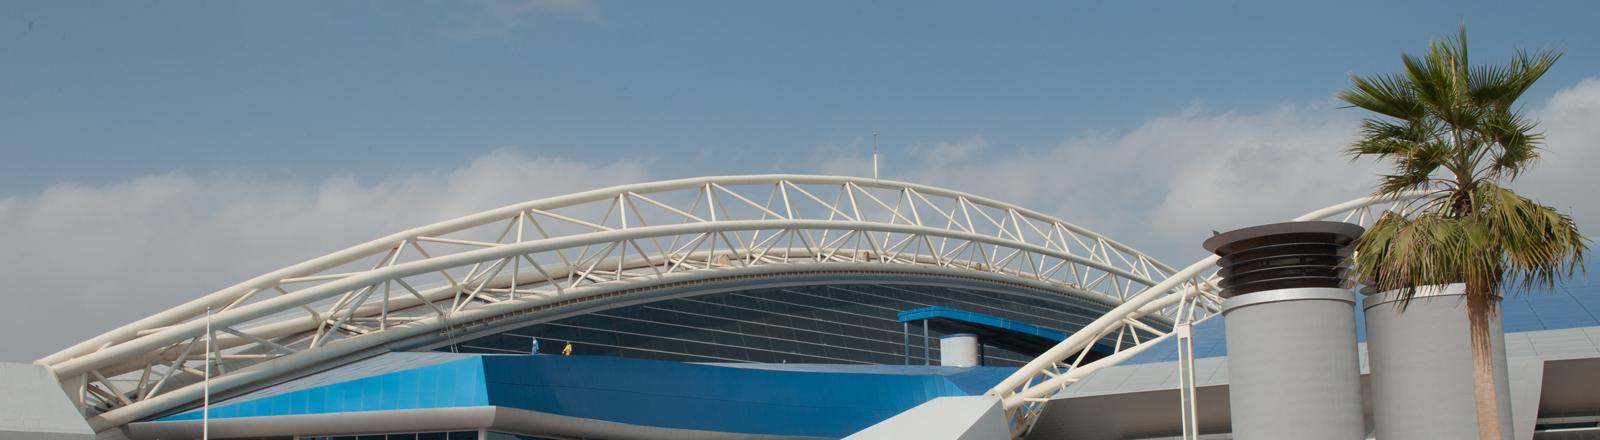 Das Aspire-Sportgelände in Doha (Katar), aufgenommen am 09.01.2013.